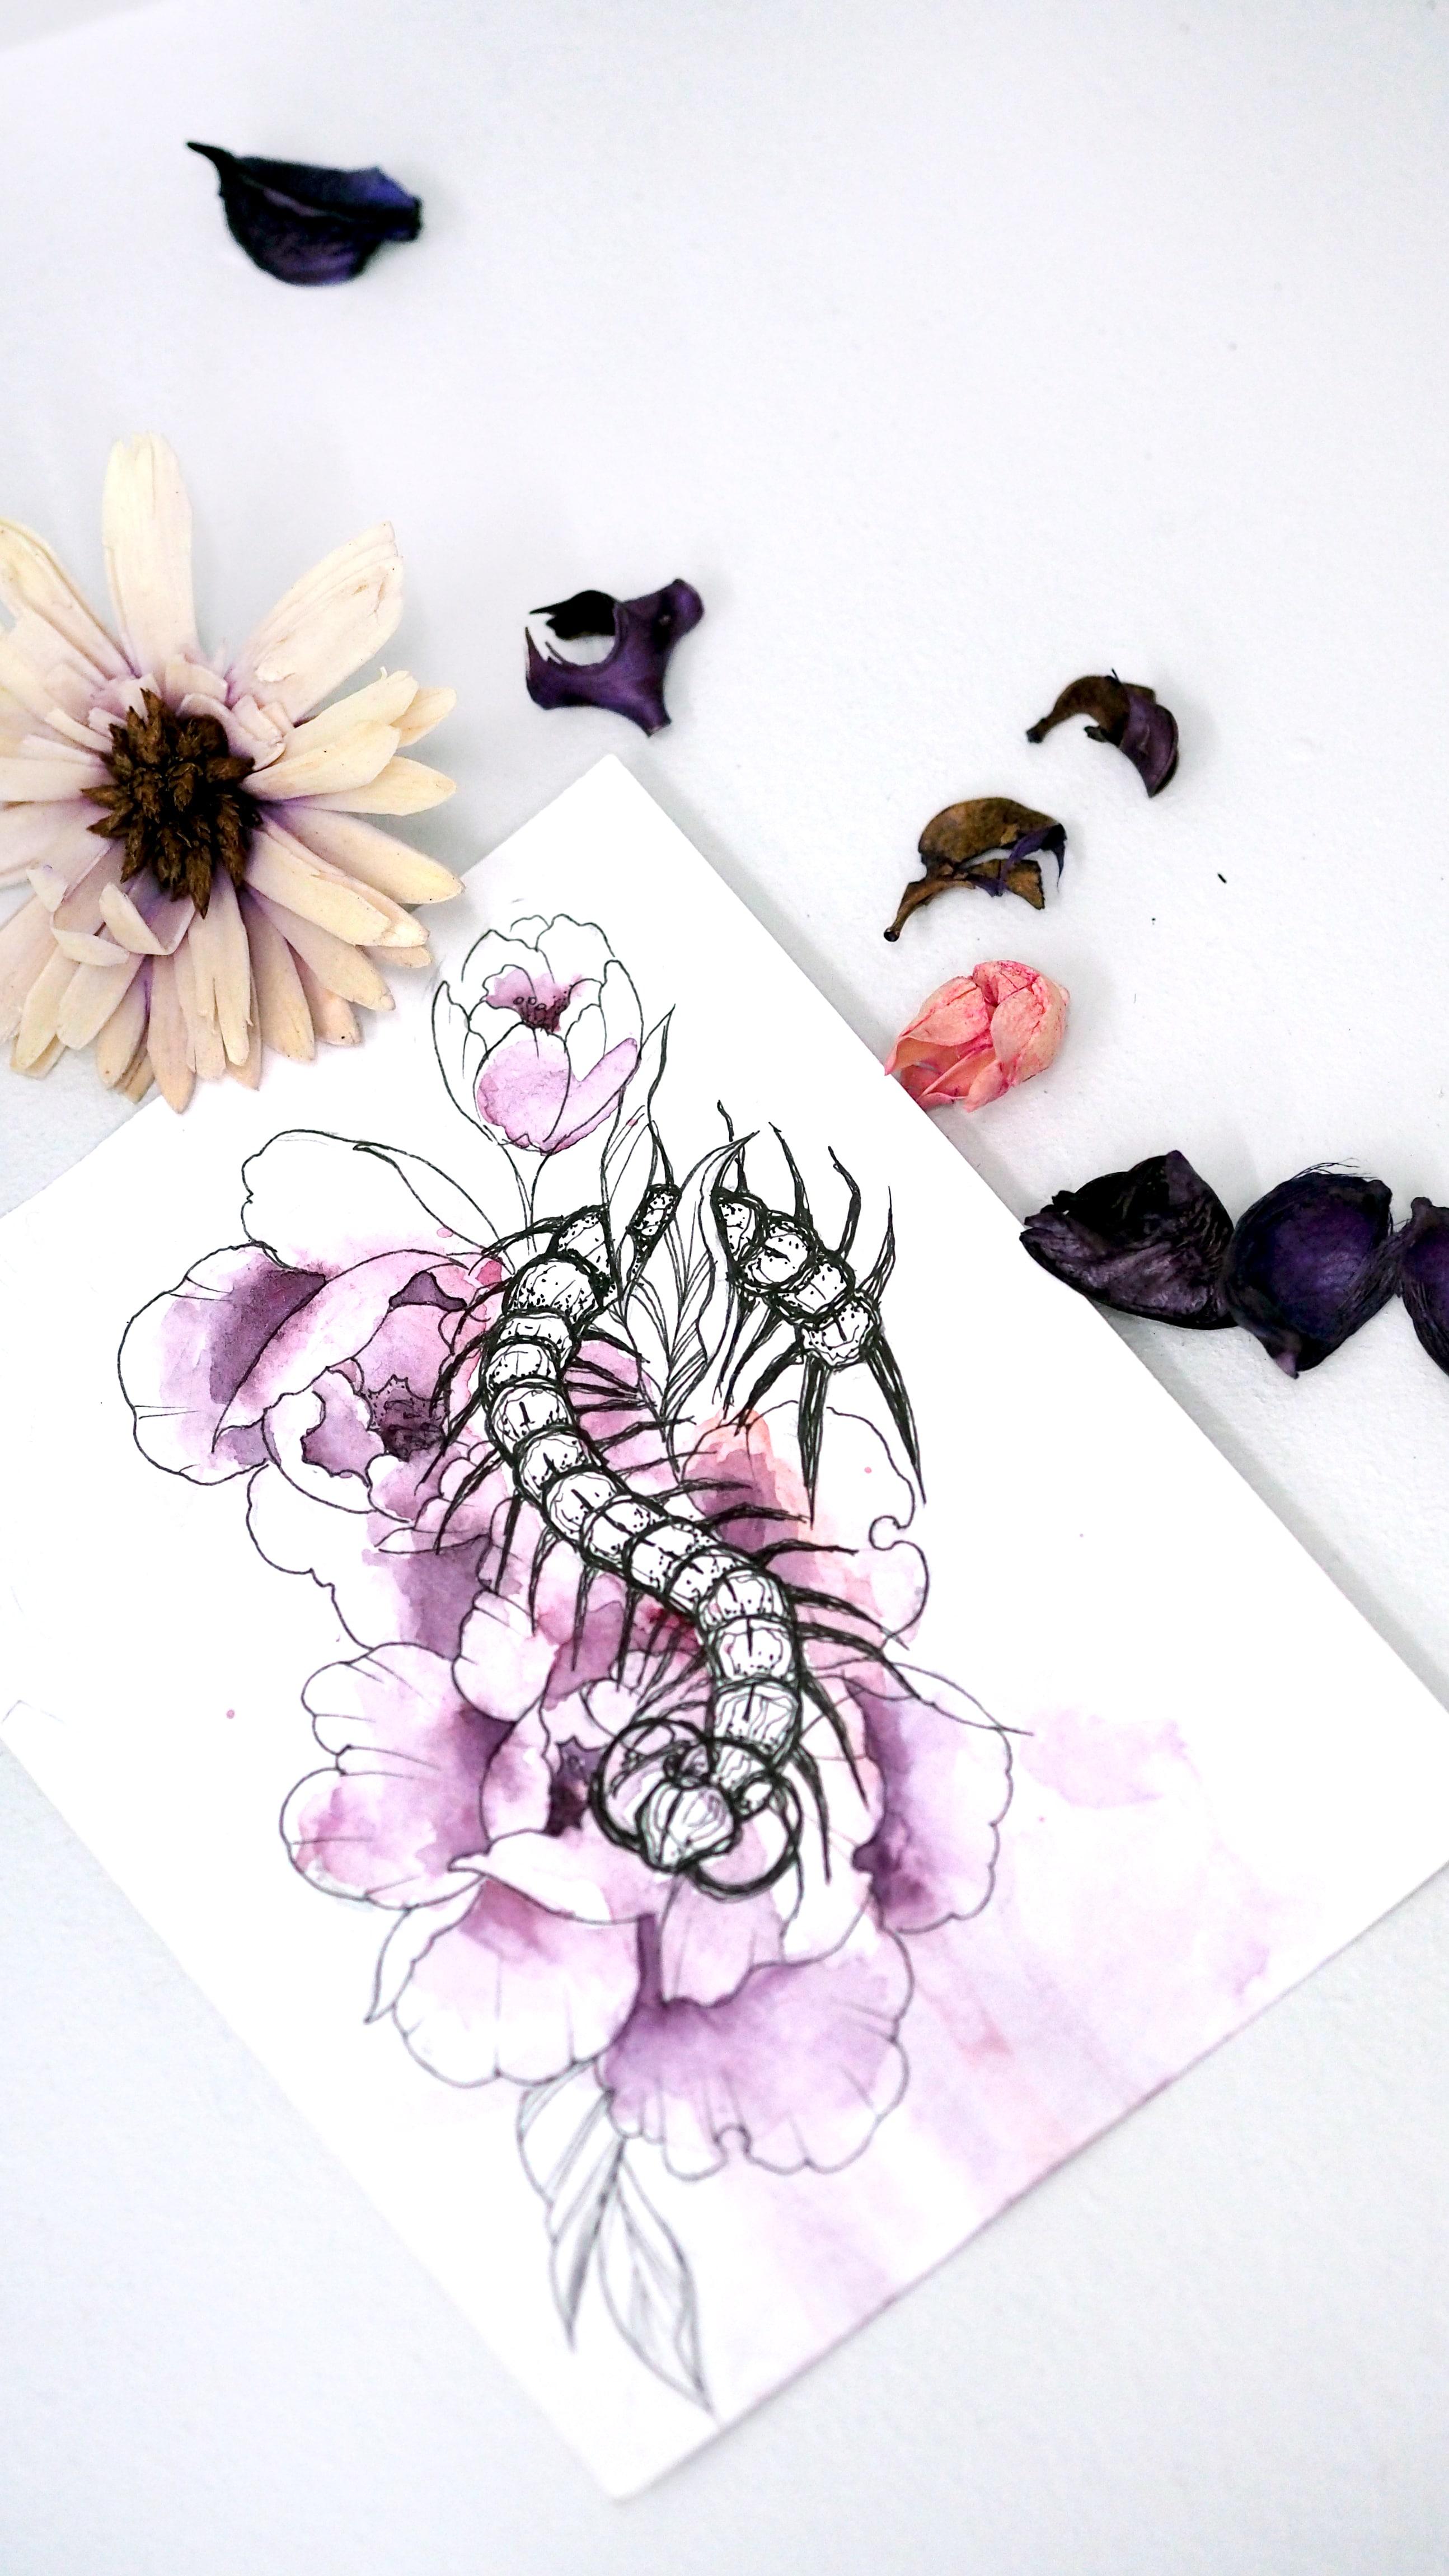 Эскиз графика женский эскиз сколопендра гусеница